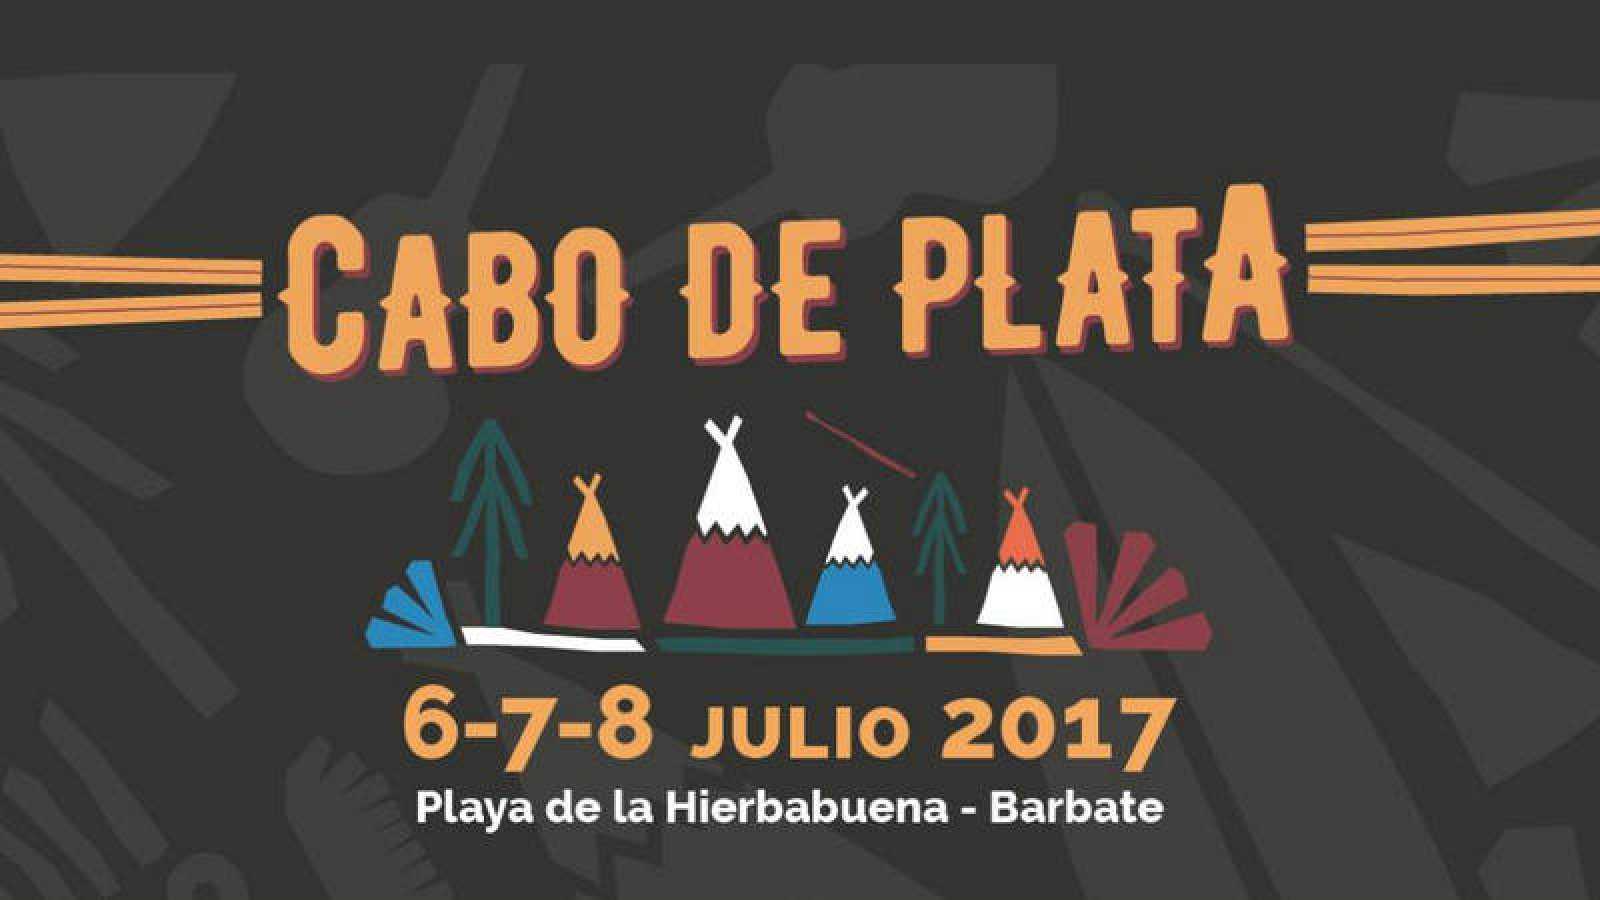 La segunda edición de Cabo de Plata se celebrará en Barbate los próximos 6, 7 y 8 de julio.